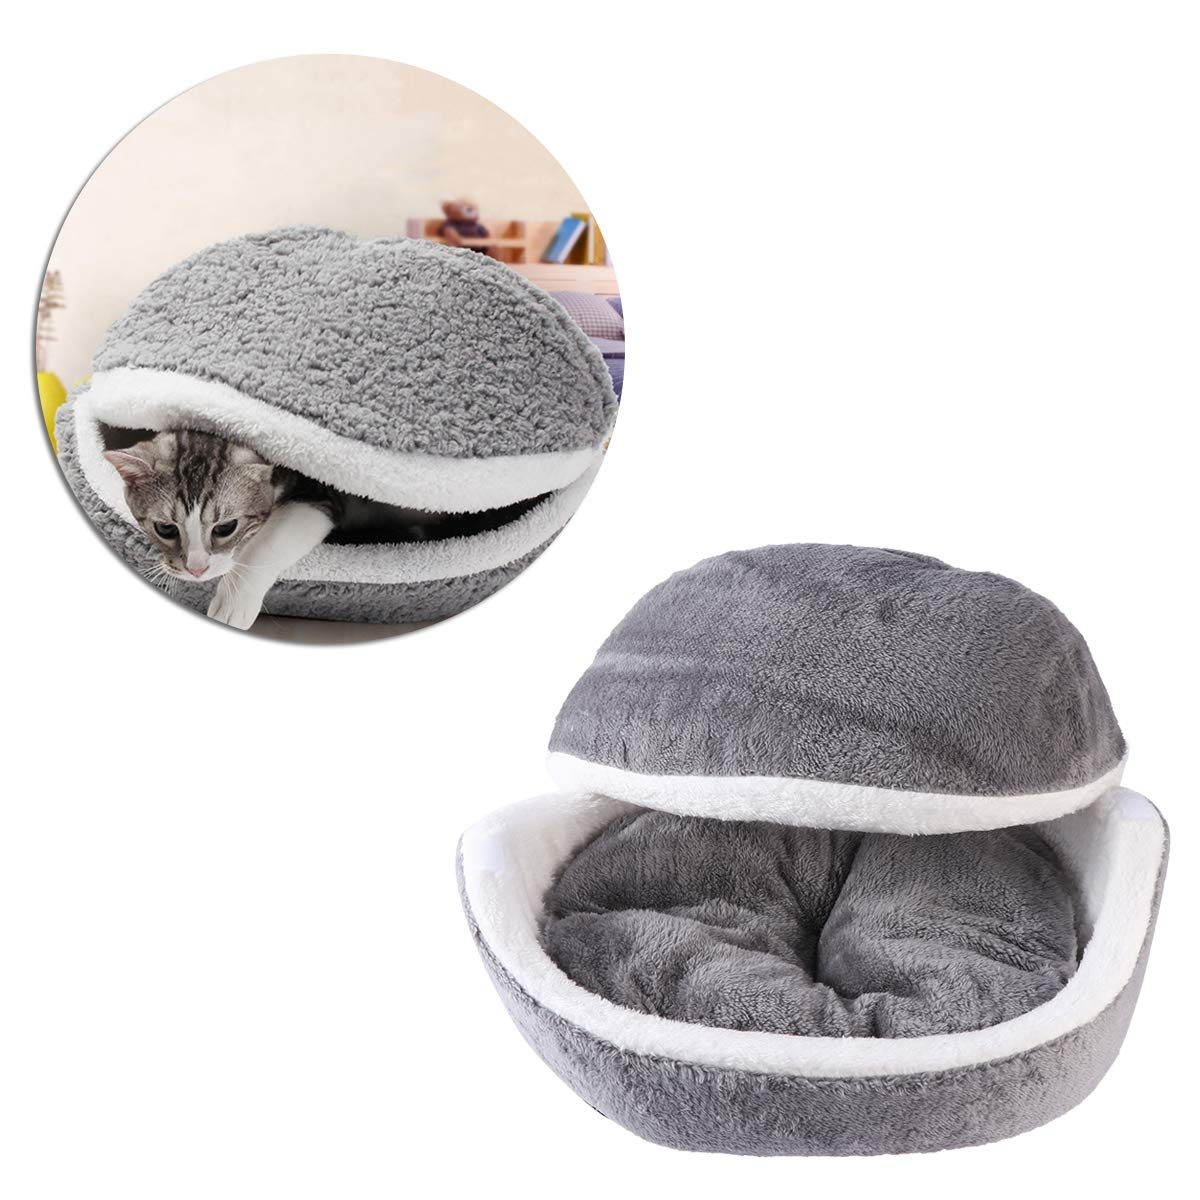 Cuccia morbida con cuscino caldo rimovibile per cagnolino o gatto UEETEK